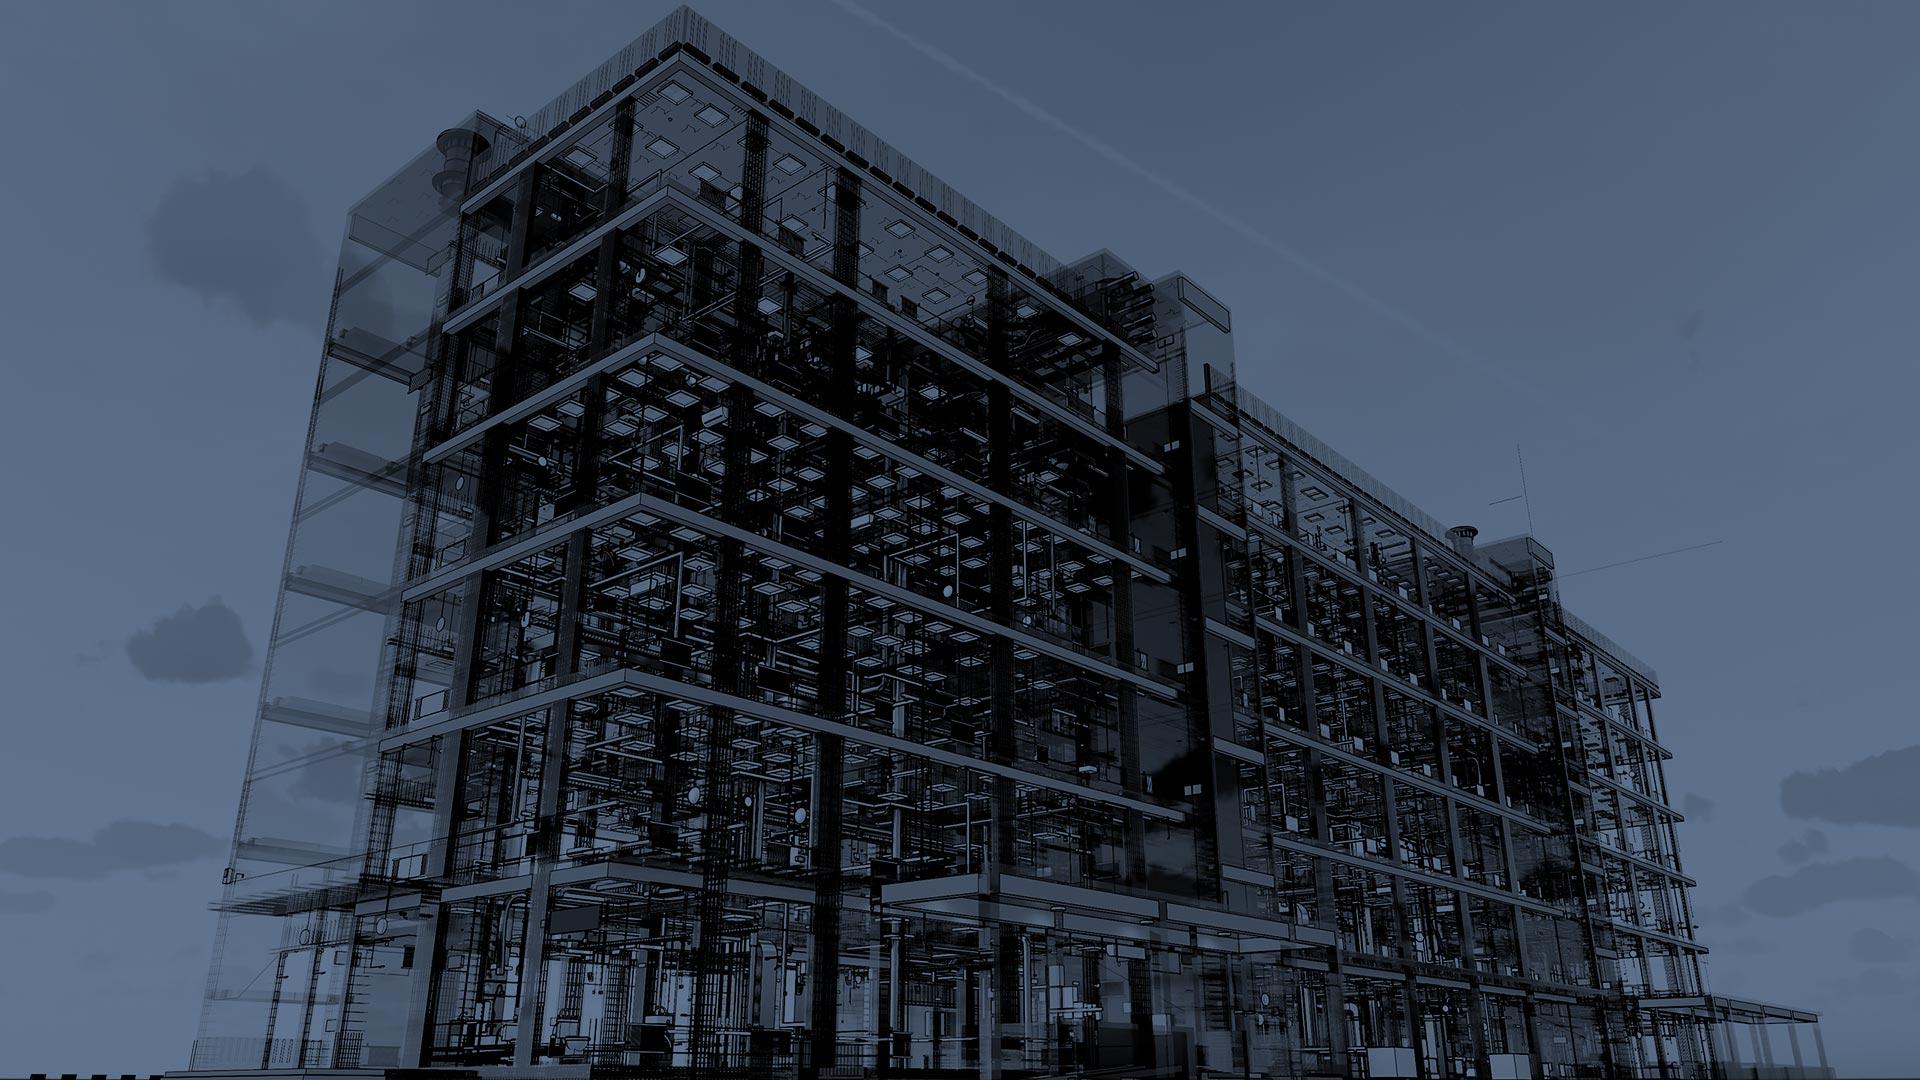 Autocad ou Revit? Qual é o melhor software para projetos arquitetônicos - 4ED escola de design